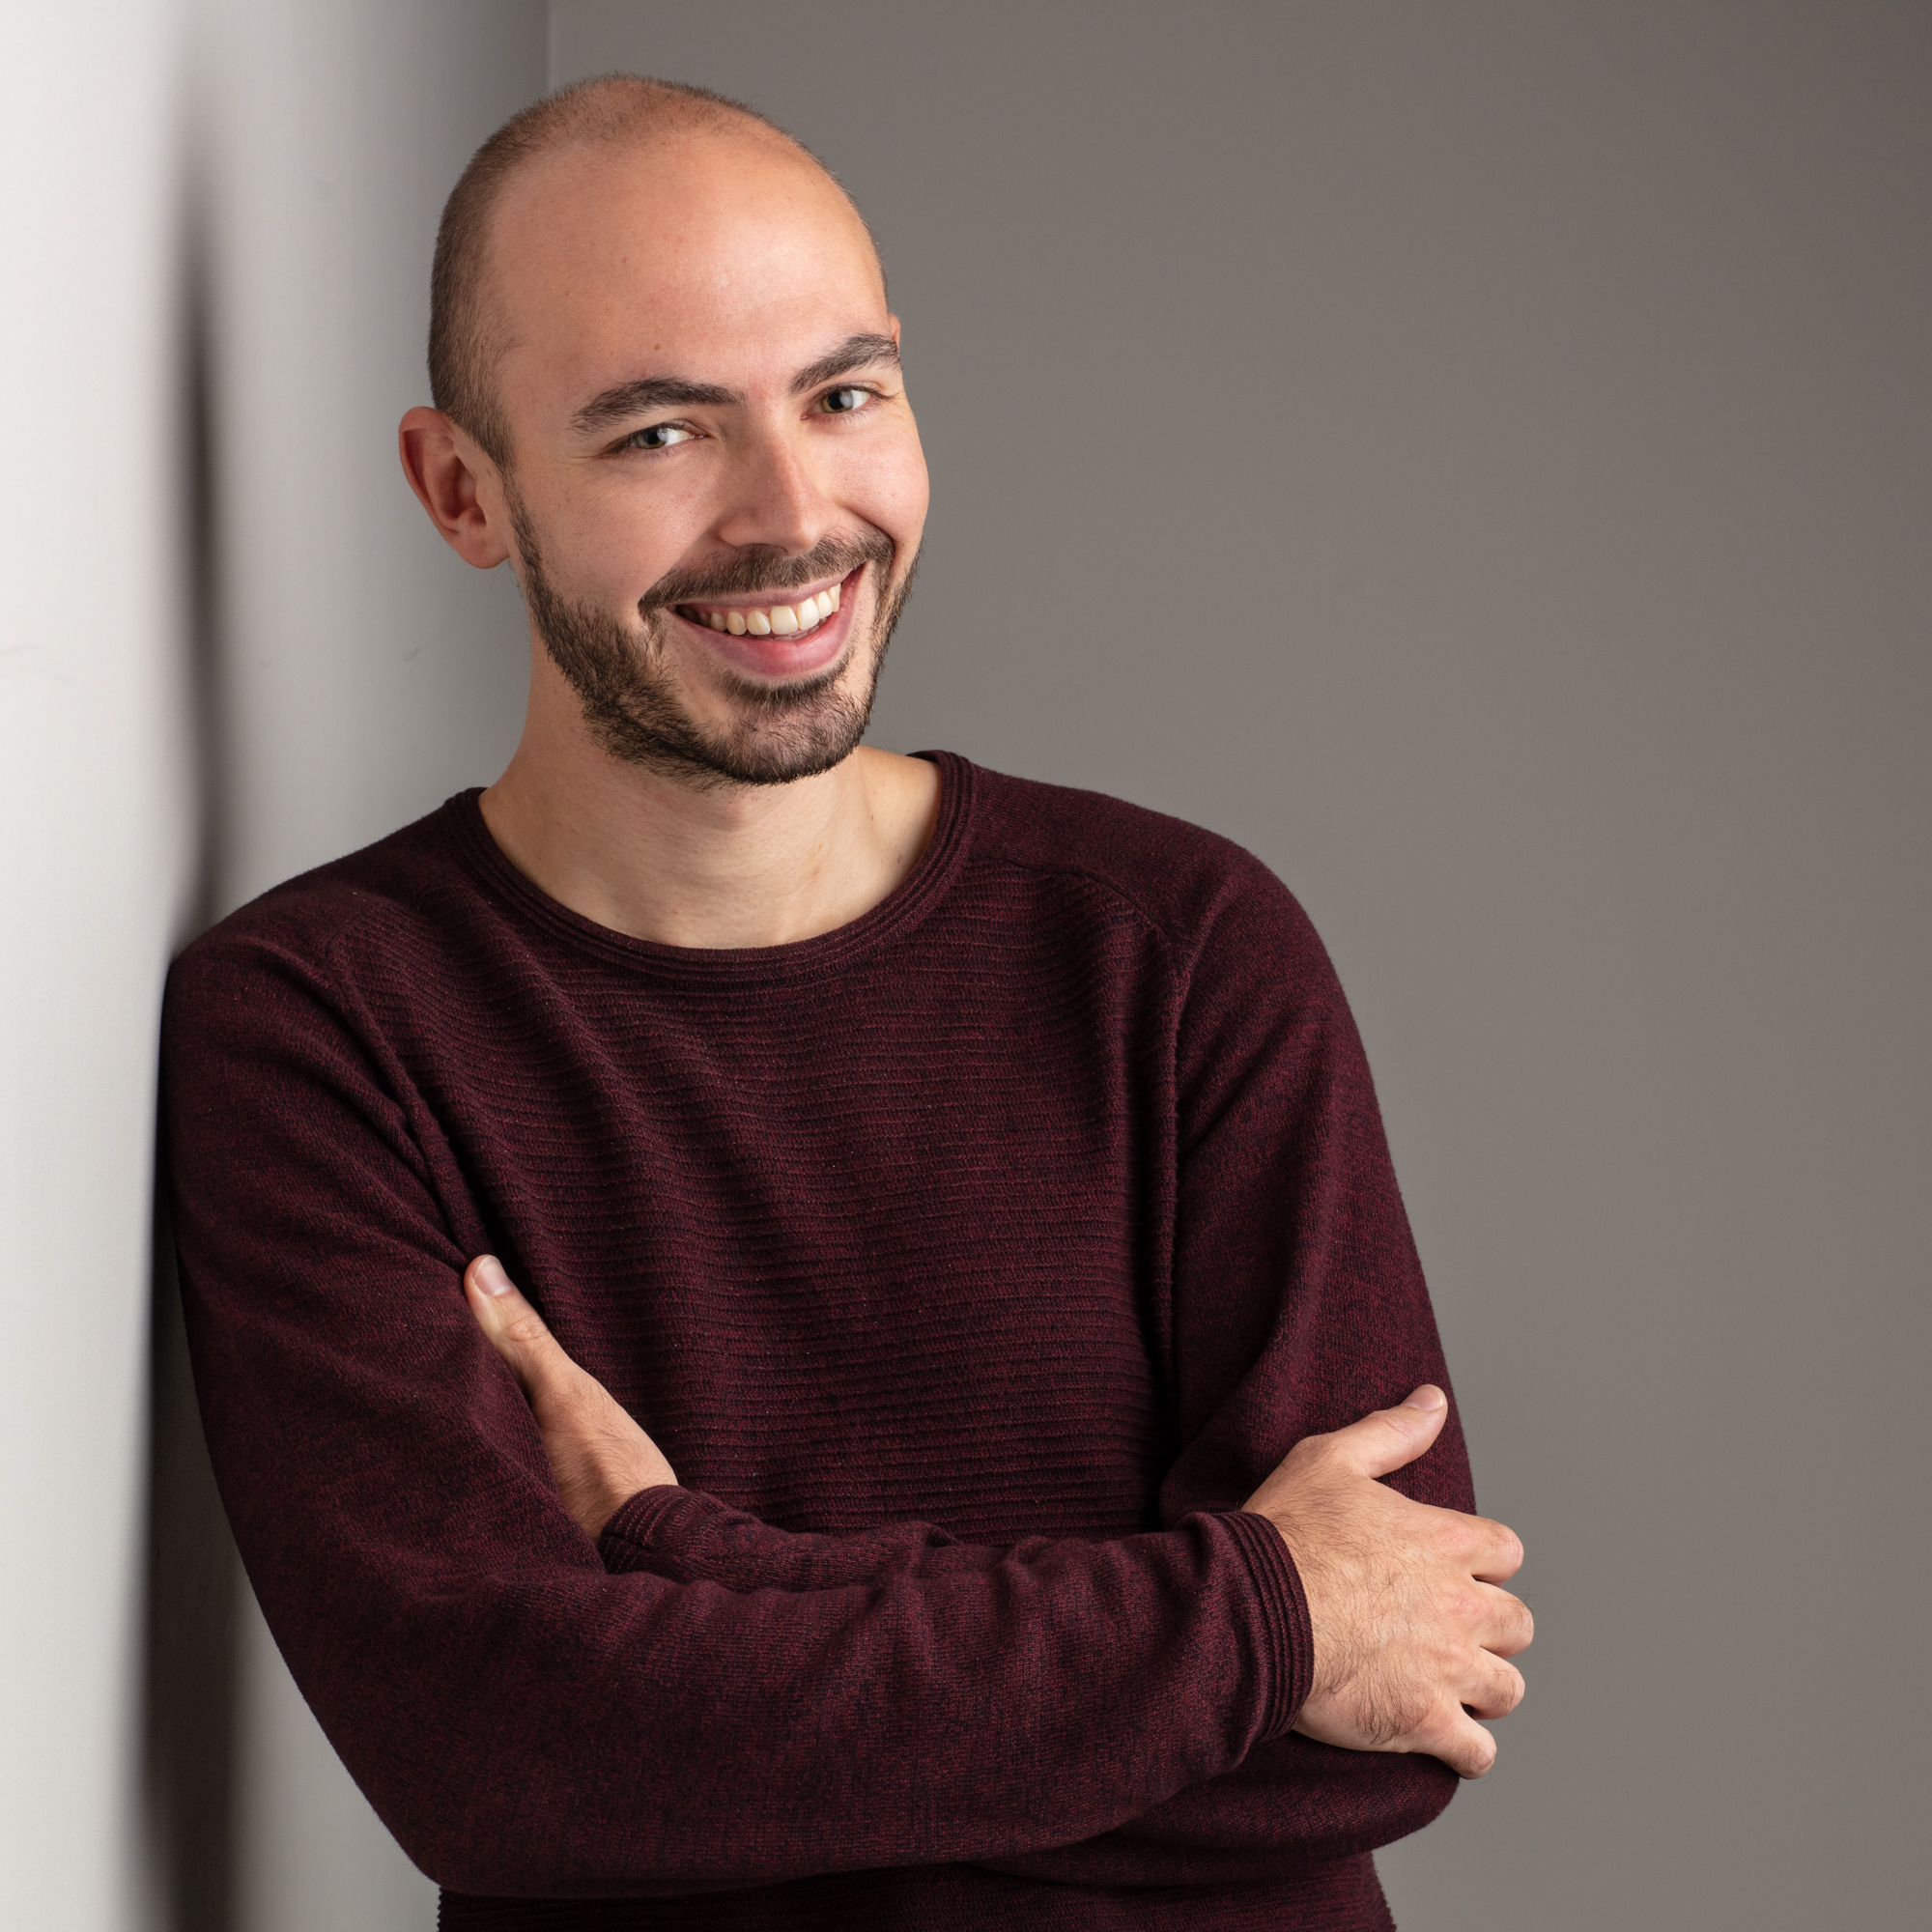 Kleurenfoto van mental coach Jeroen Vanbever met glimlach